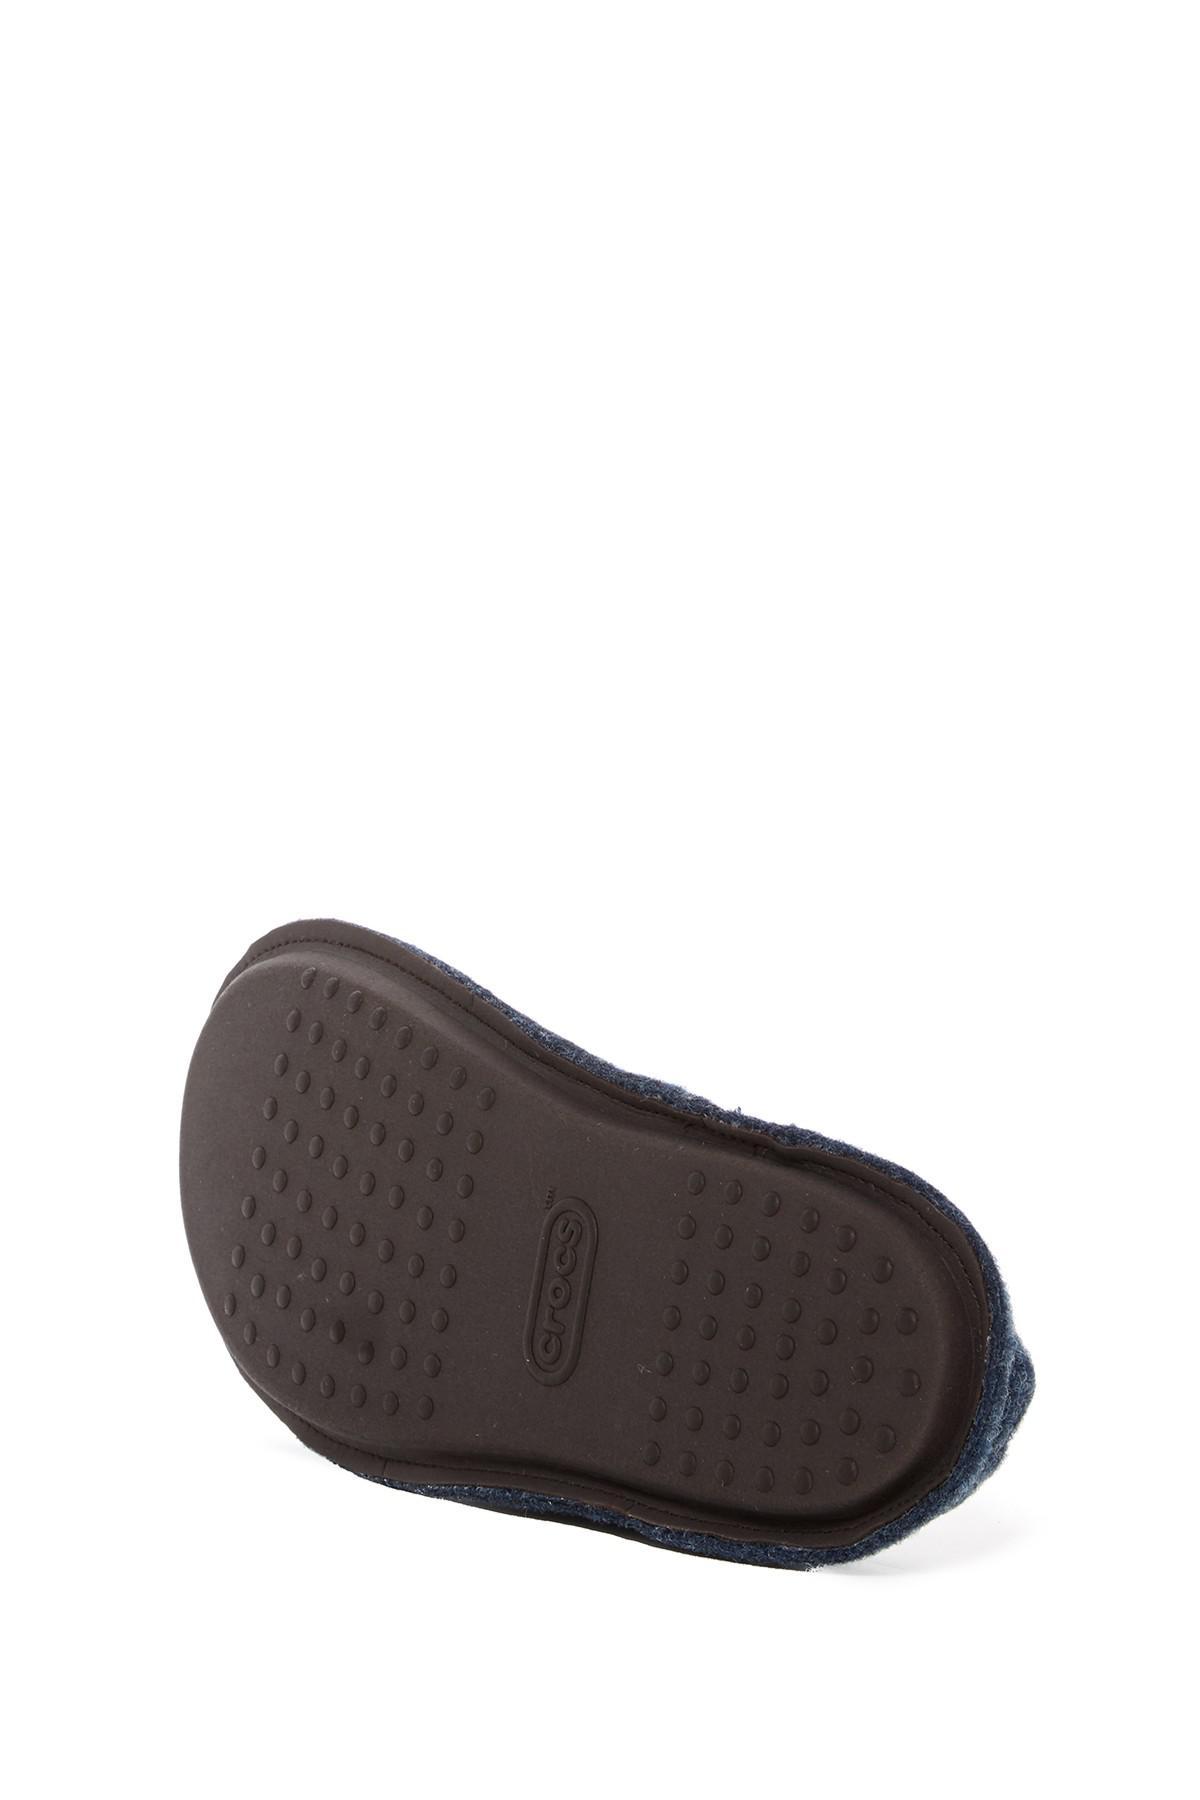 c87daf184c0a21 Lyst - Crocs™ Classic Faux Fur Slipper in Blue